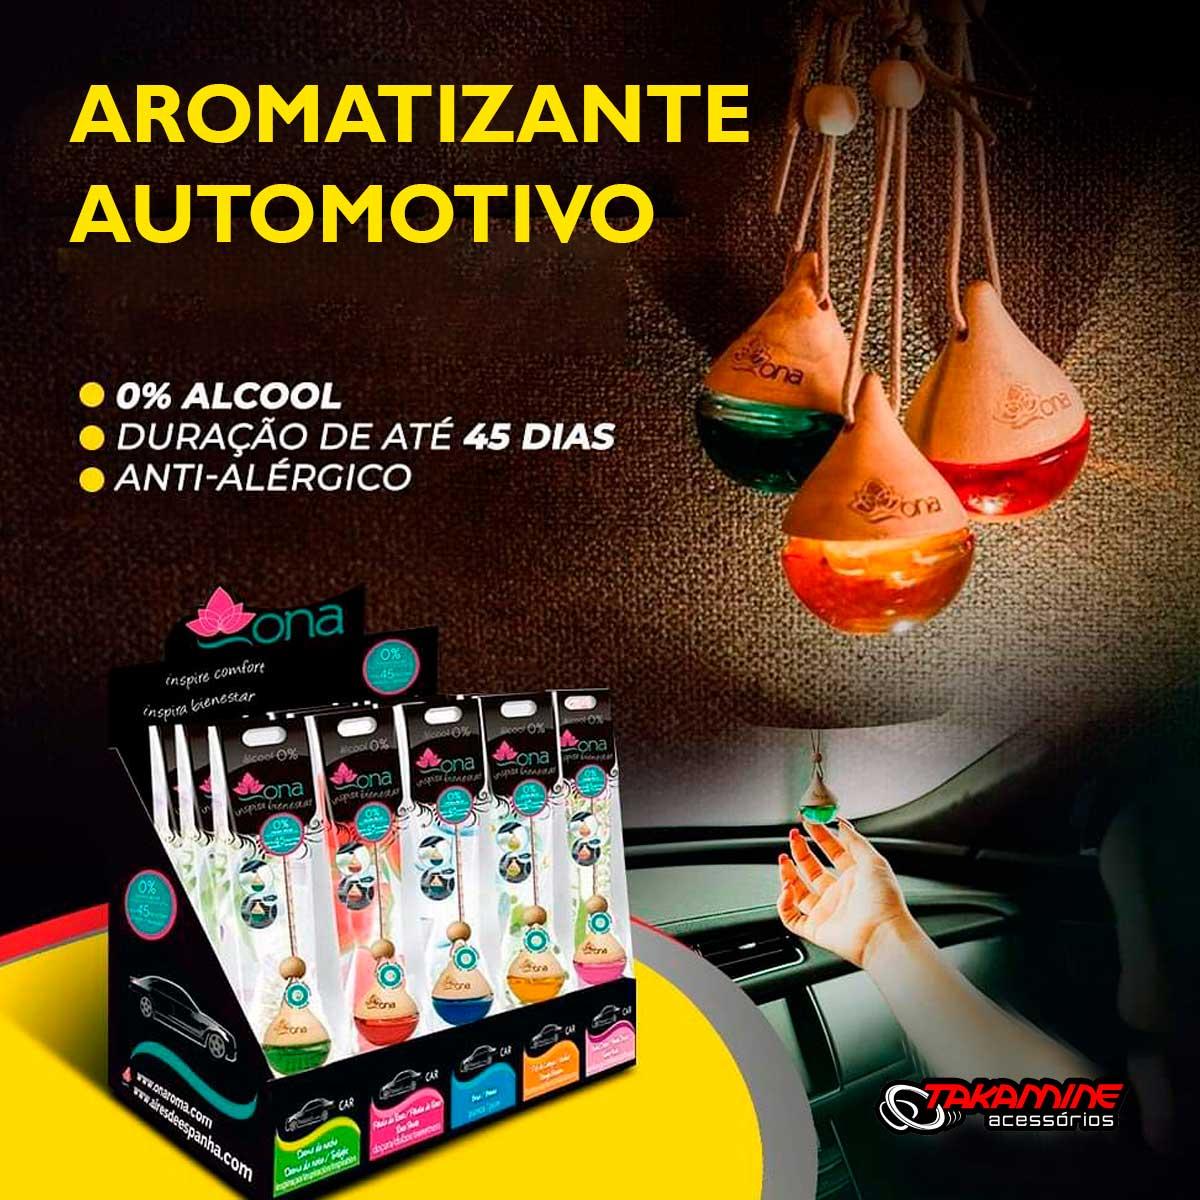 Aromatizante para Carro ONA fragância Brisa vidro 6ml